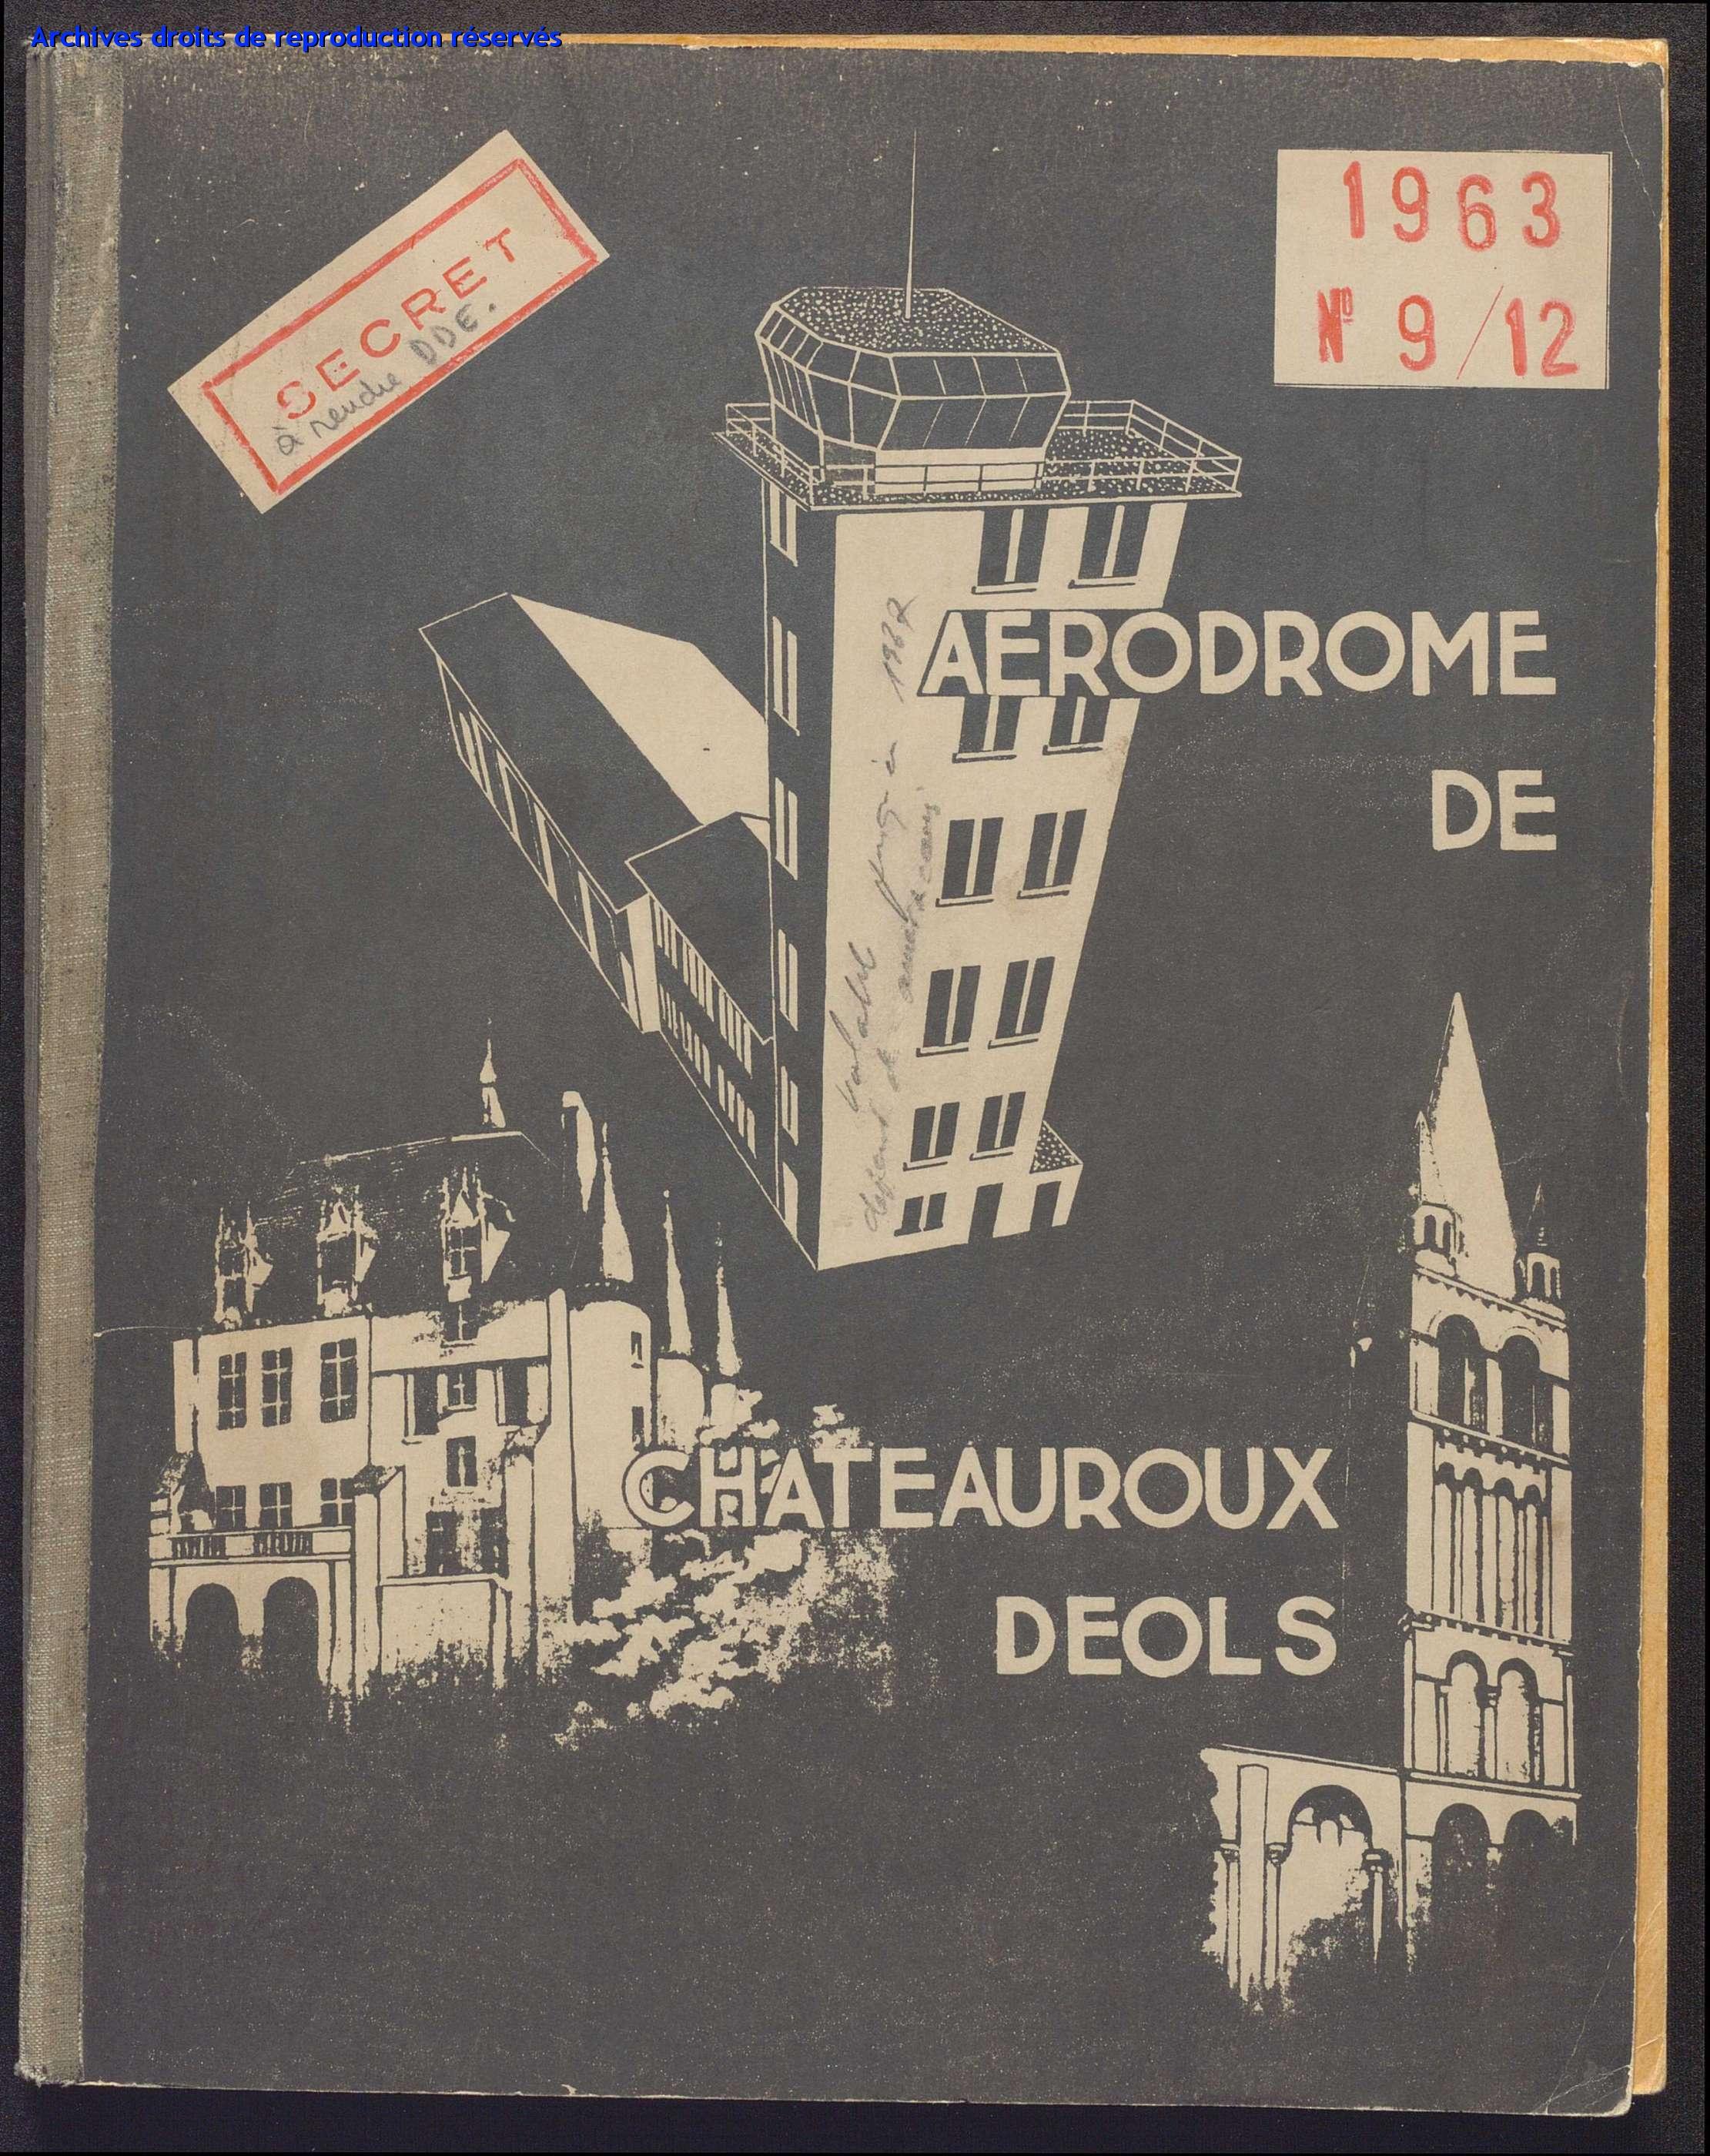 Etat des lieux installations Aérodrome de Châteauroux Déols secret 1963